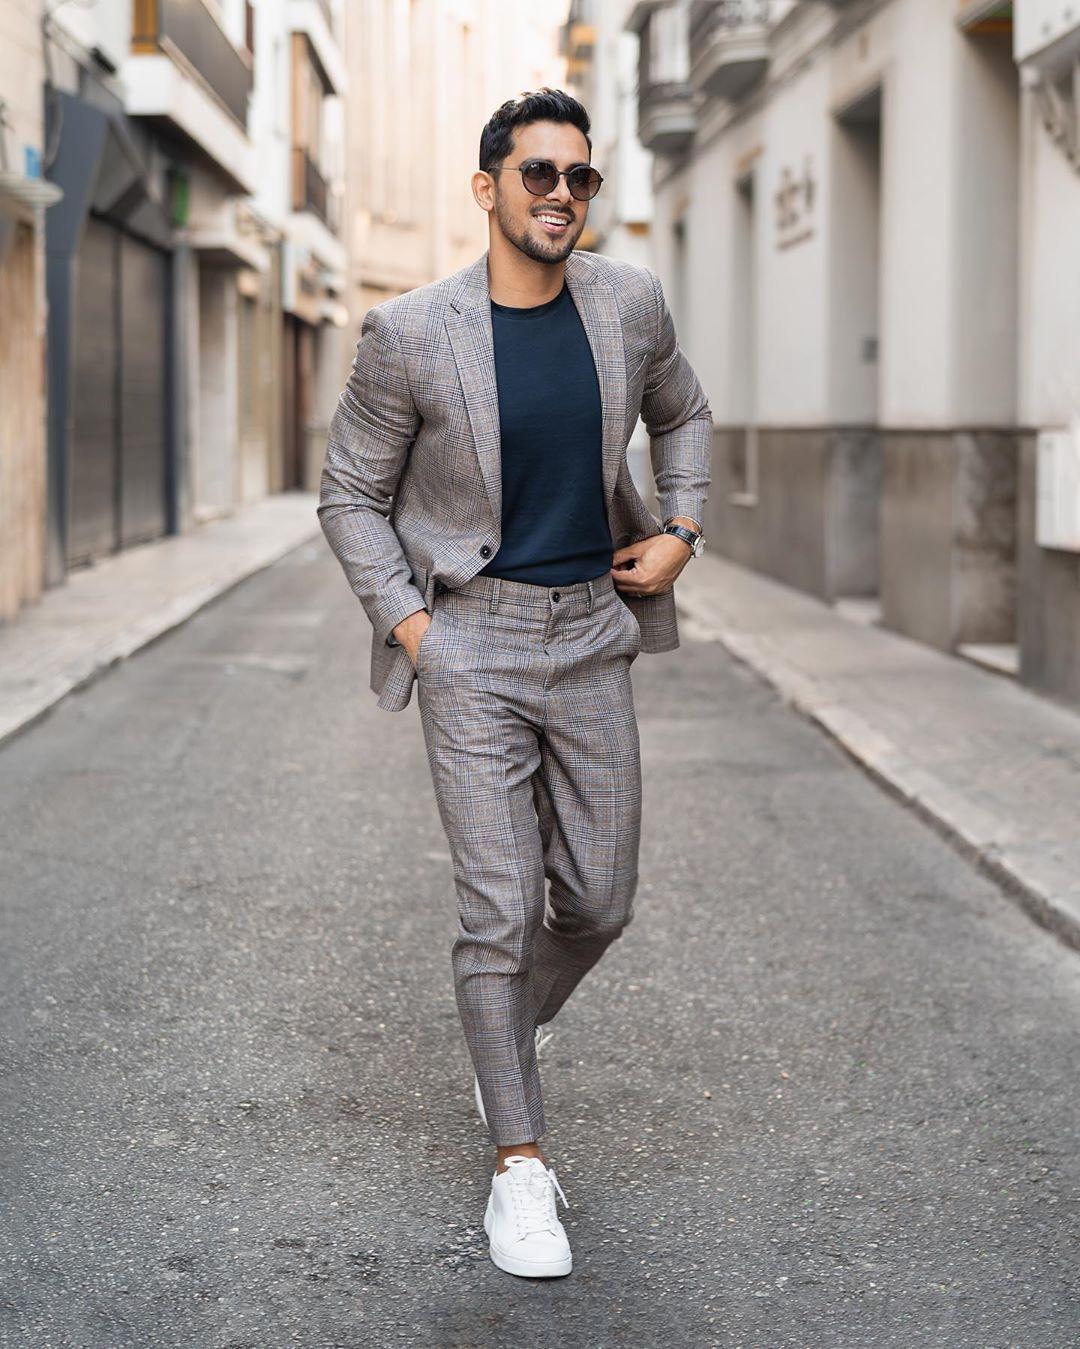 8 cách phối đồ đẹp giúp nam giới thanh lịch hơn trong ngày hẹn đầu tiên